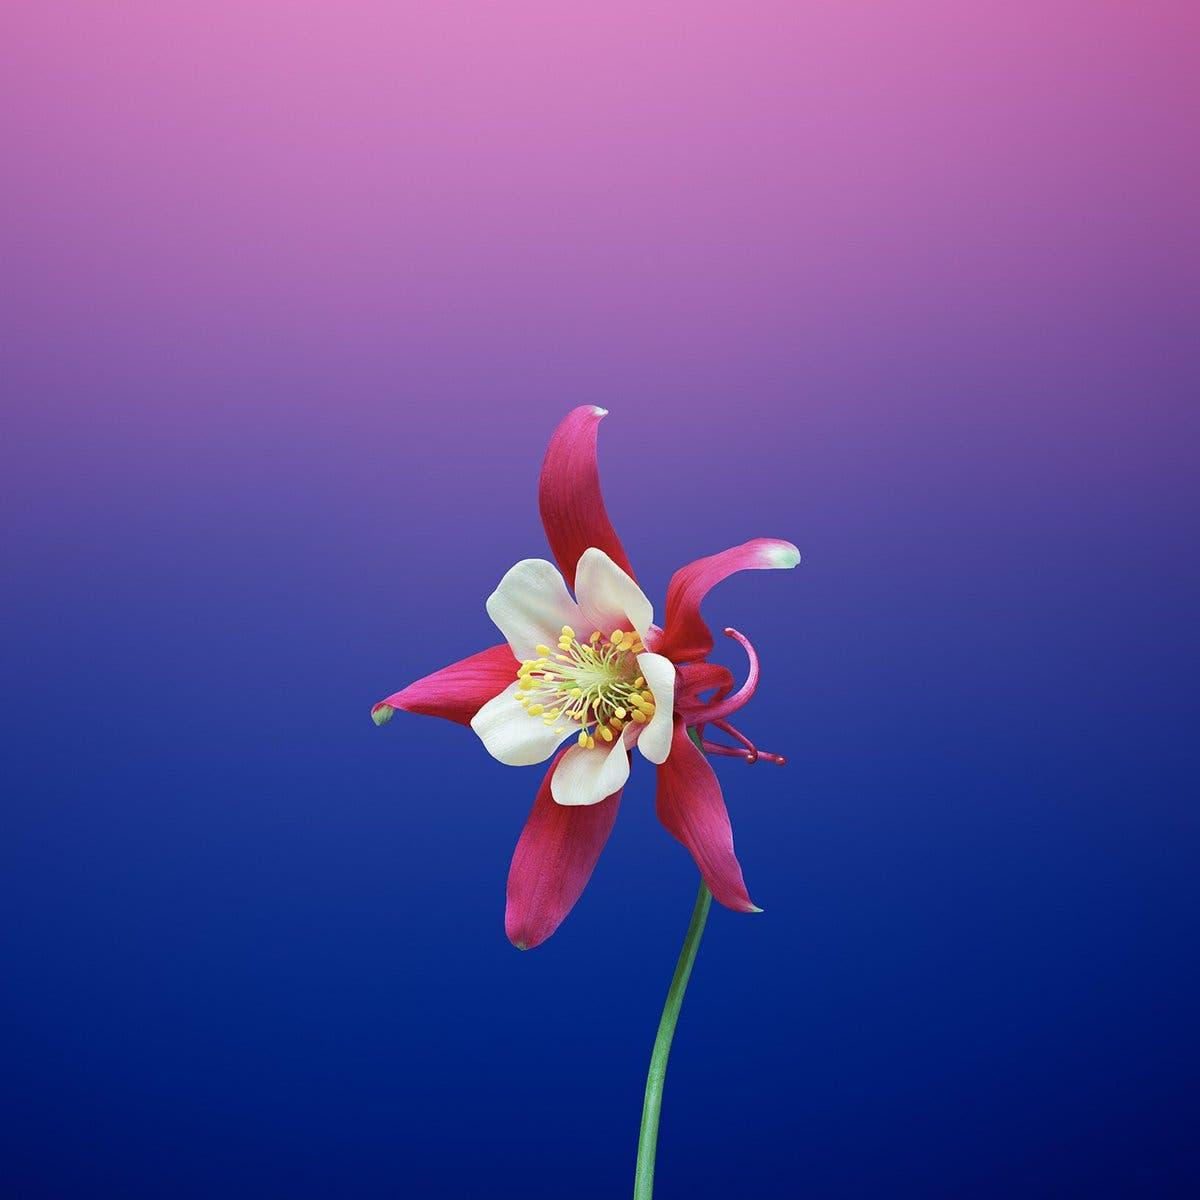 1e2e7b11813a1 ... والتي تتميز بأشكال الألوان التقليدية المجردة الخاصة بشركة آبل، جنباً  إلى جنب مع صور الزهور وصور كوكب الأرض، مع مجموعة جديدة من صور أنماط قوس  القزح.